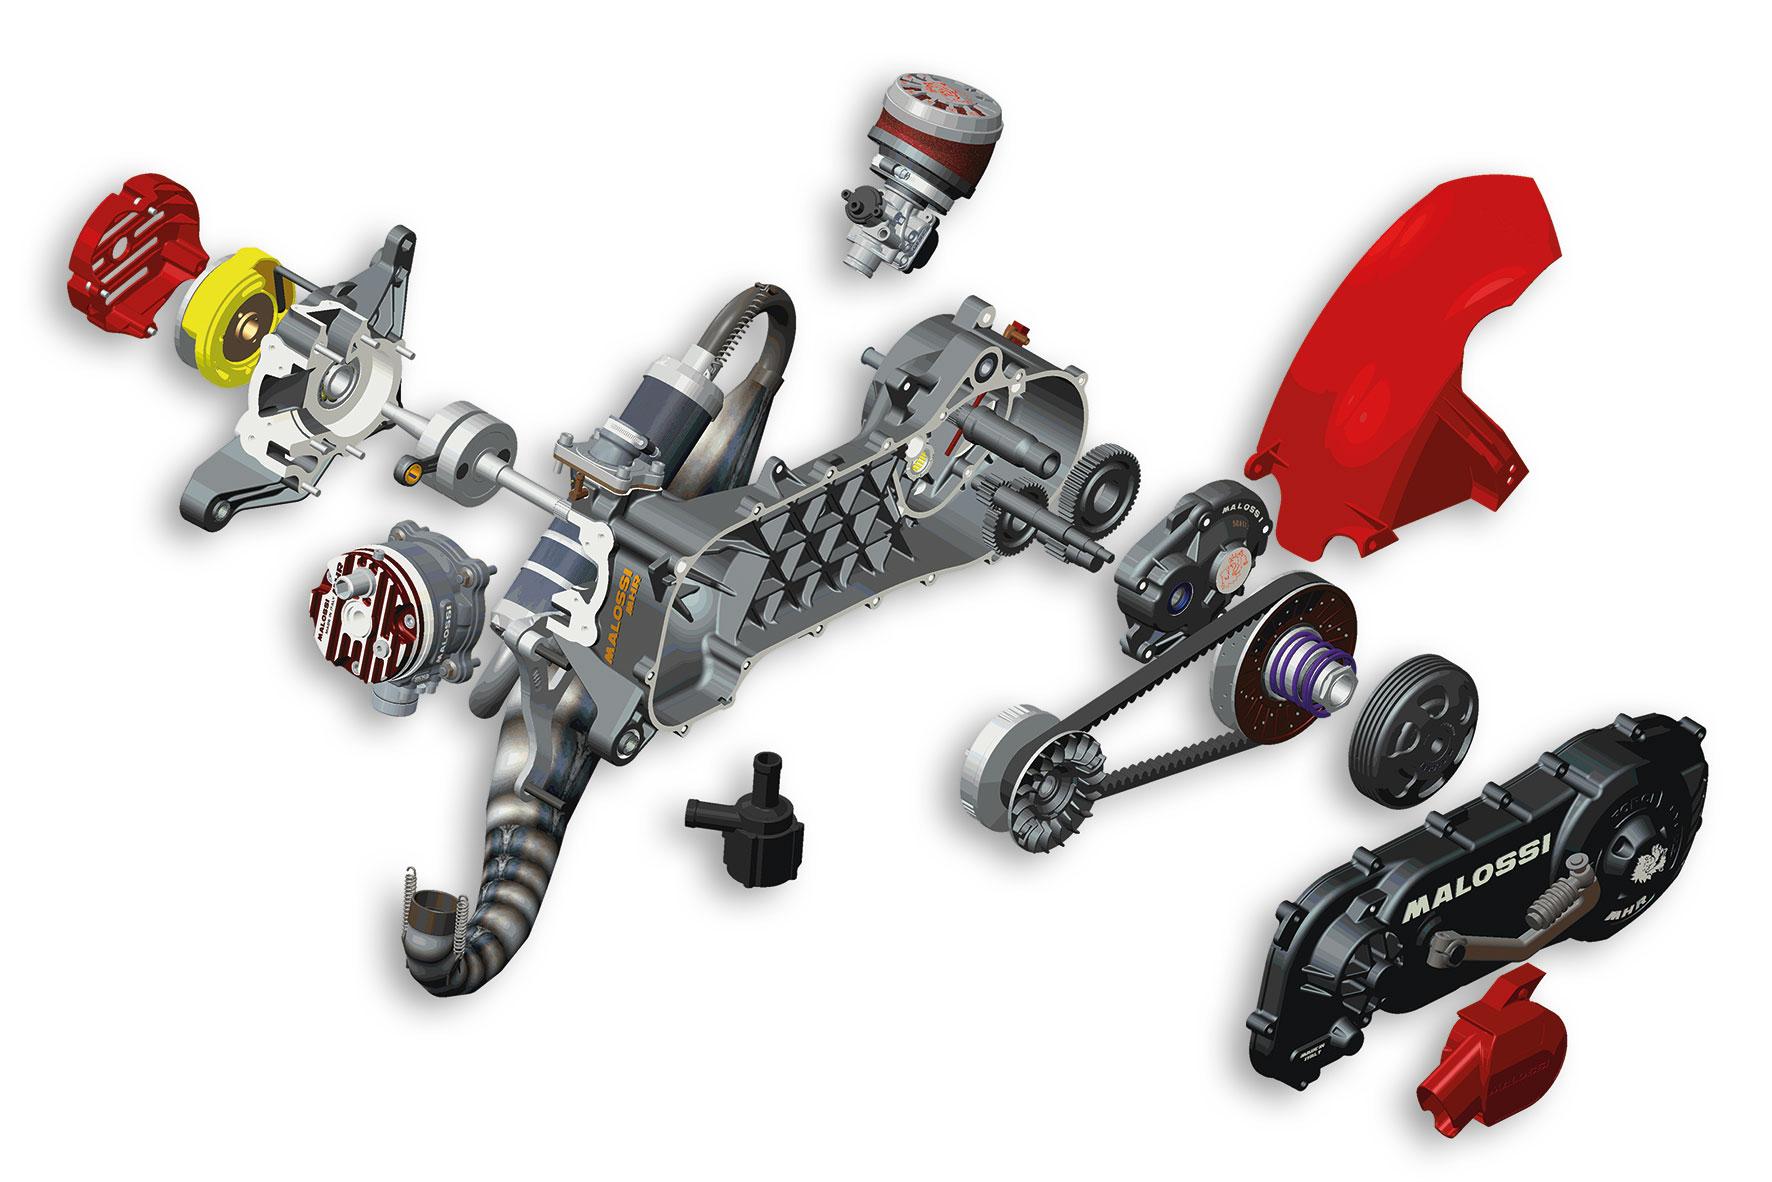 Moteur complet C-ONE 70cc Piaggio démonté (roue 12/13)